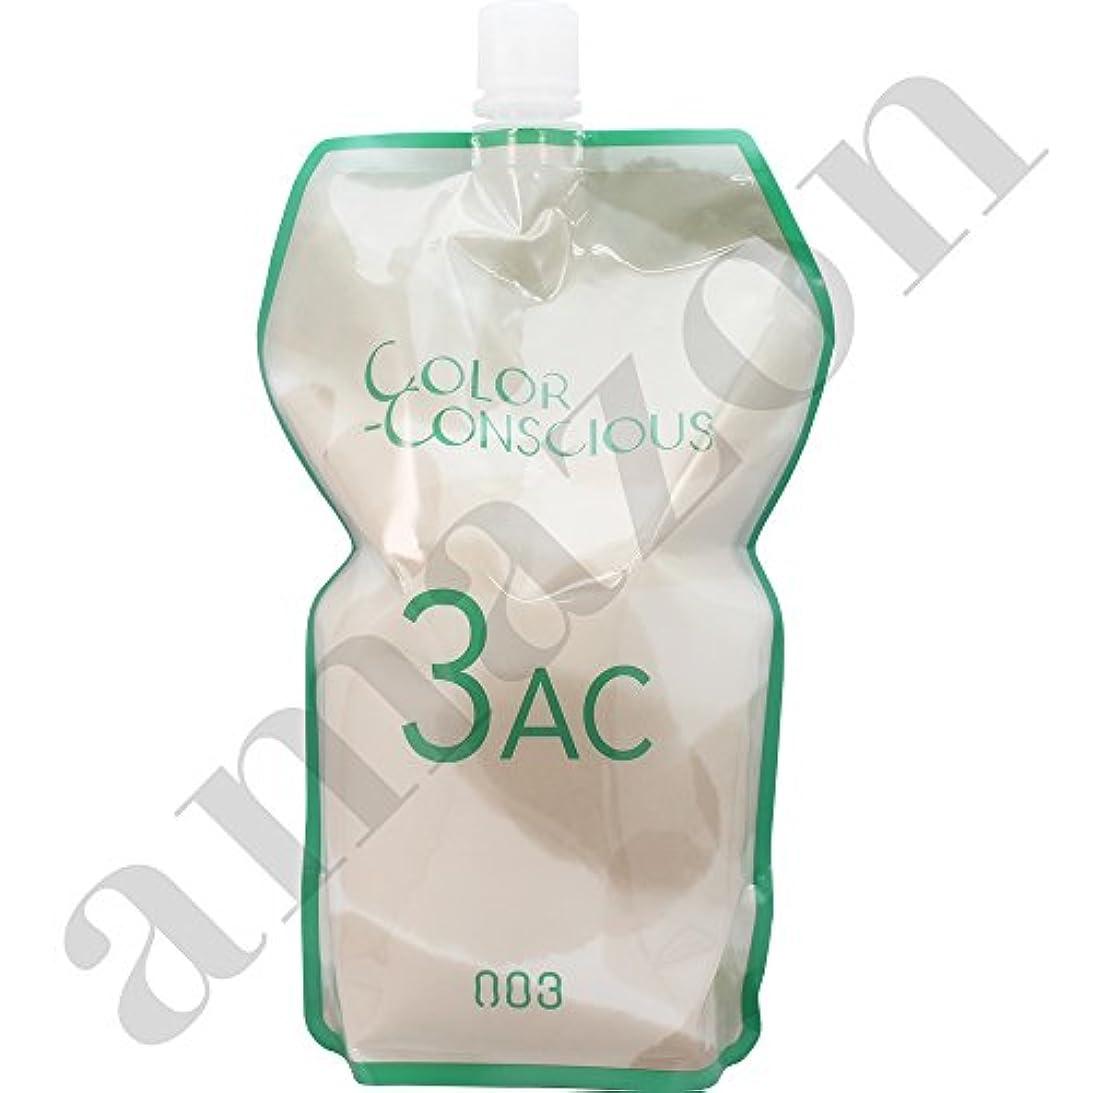 フォーカス群衆ミルク【ナンバースリー】カラーコンシャス (2剤) OX3.0 AC 1200ml